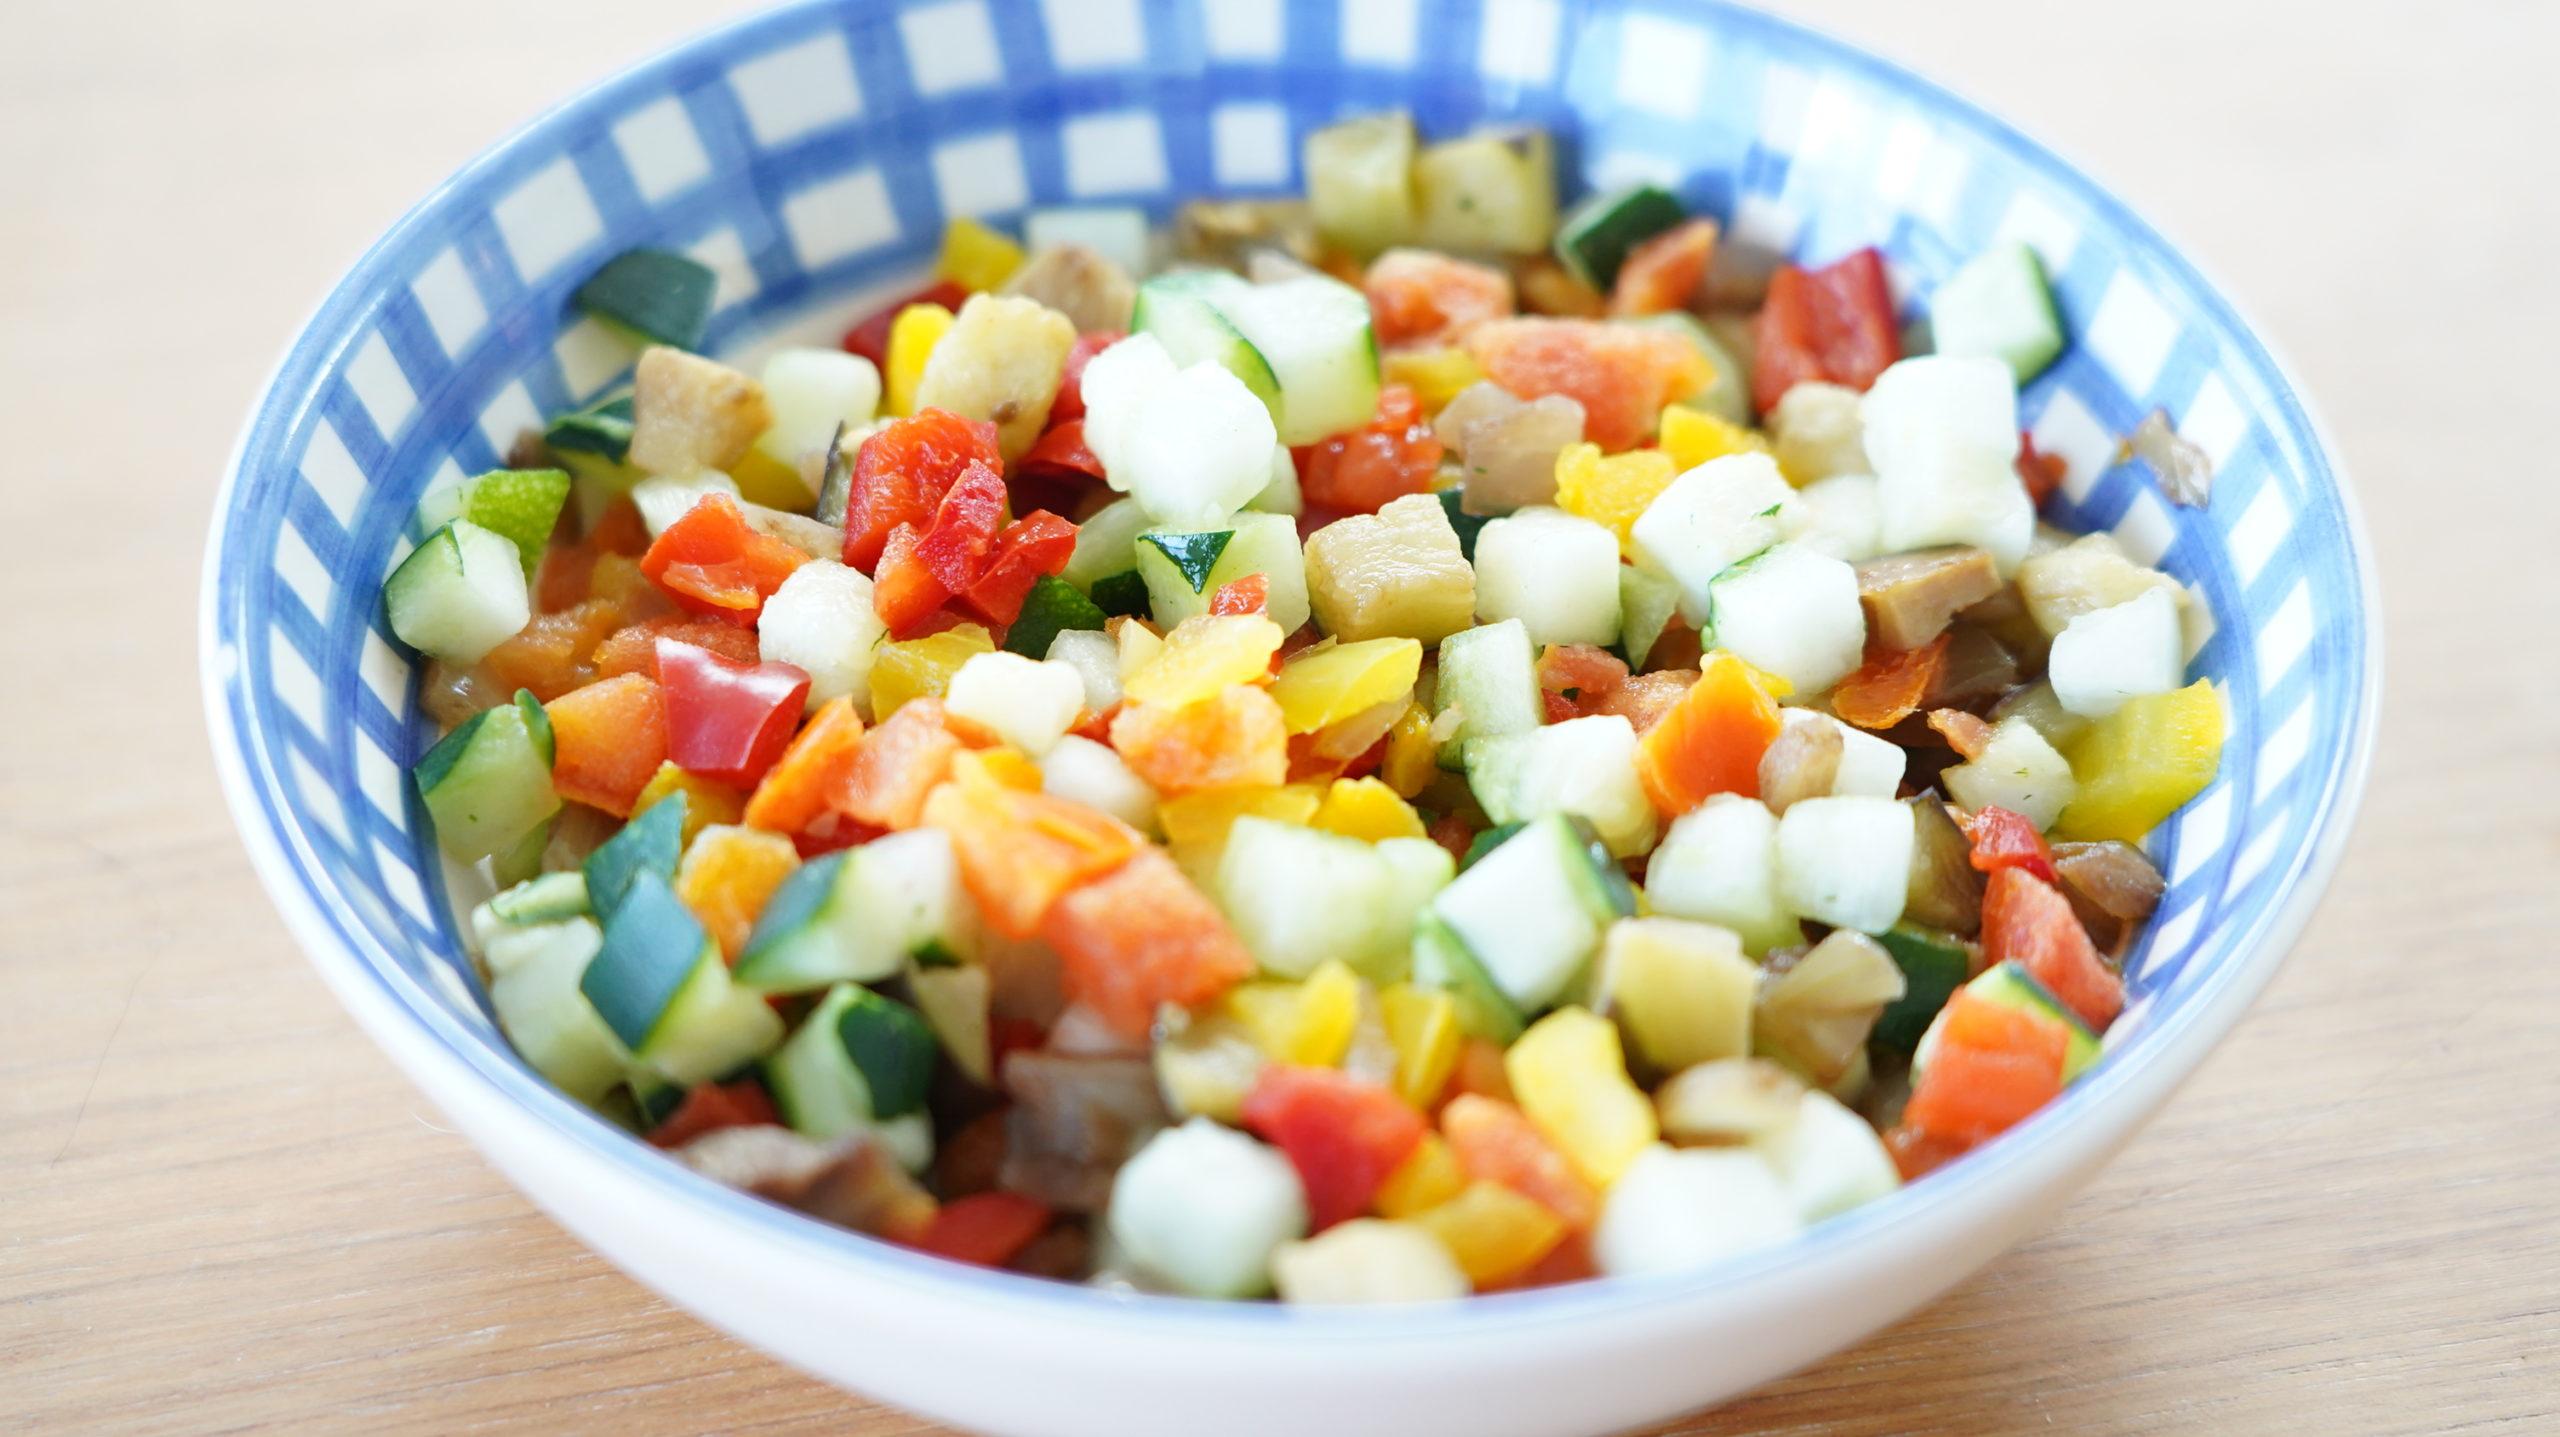 ピカールのおすすめ冷凍食品「南仏野菜の角切り」の色鮮やかな写真